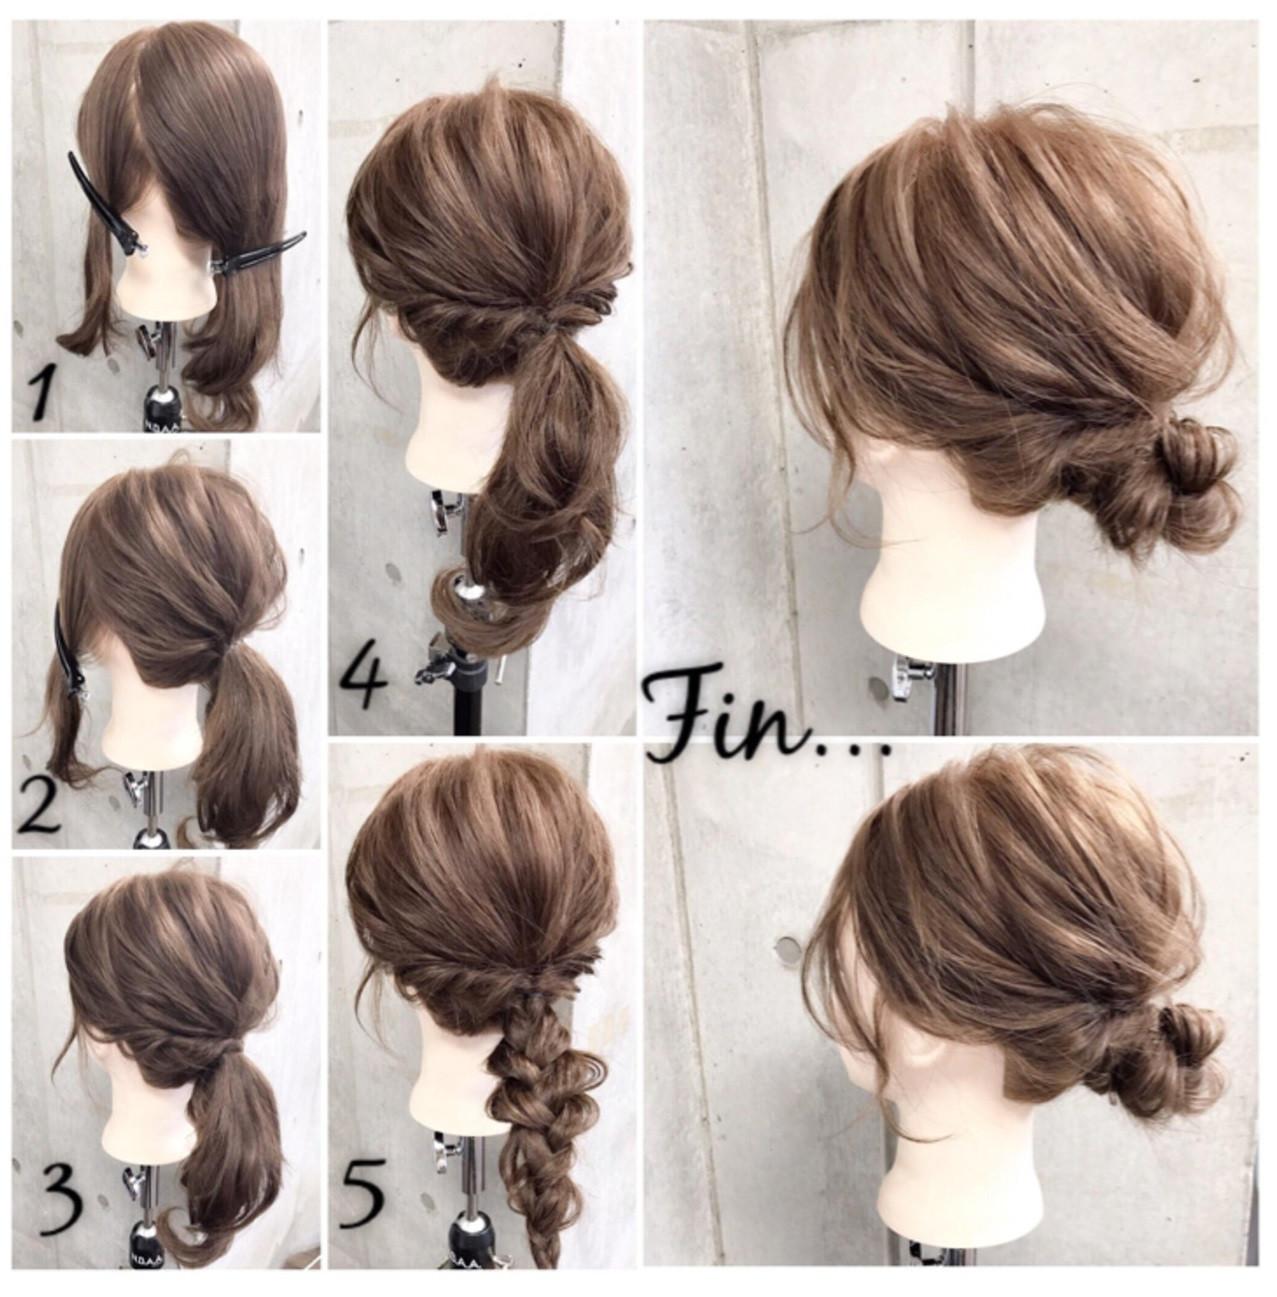 セミロング 簡単ヘアアレンジ 結婚式 ナチュラル ヘアスタイルや髪型の写真・画像